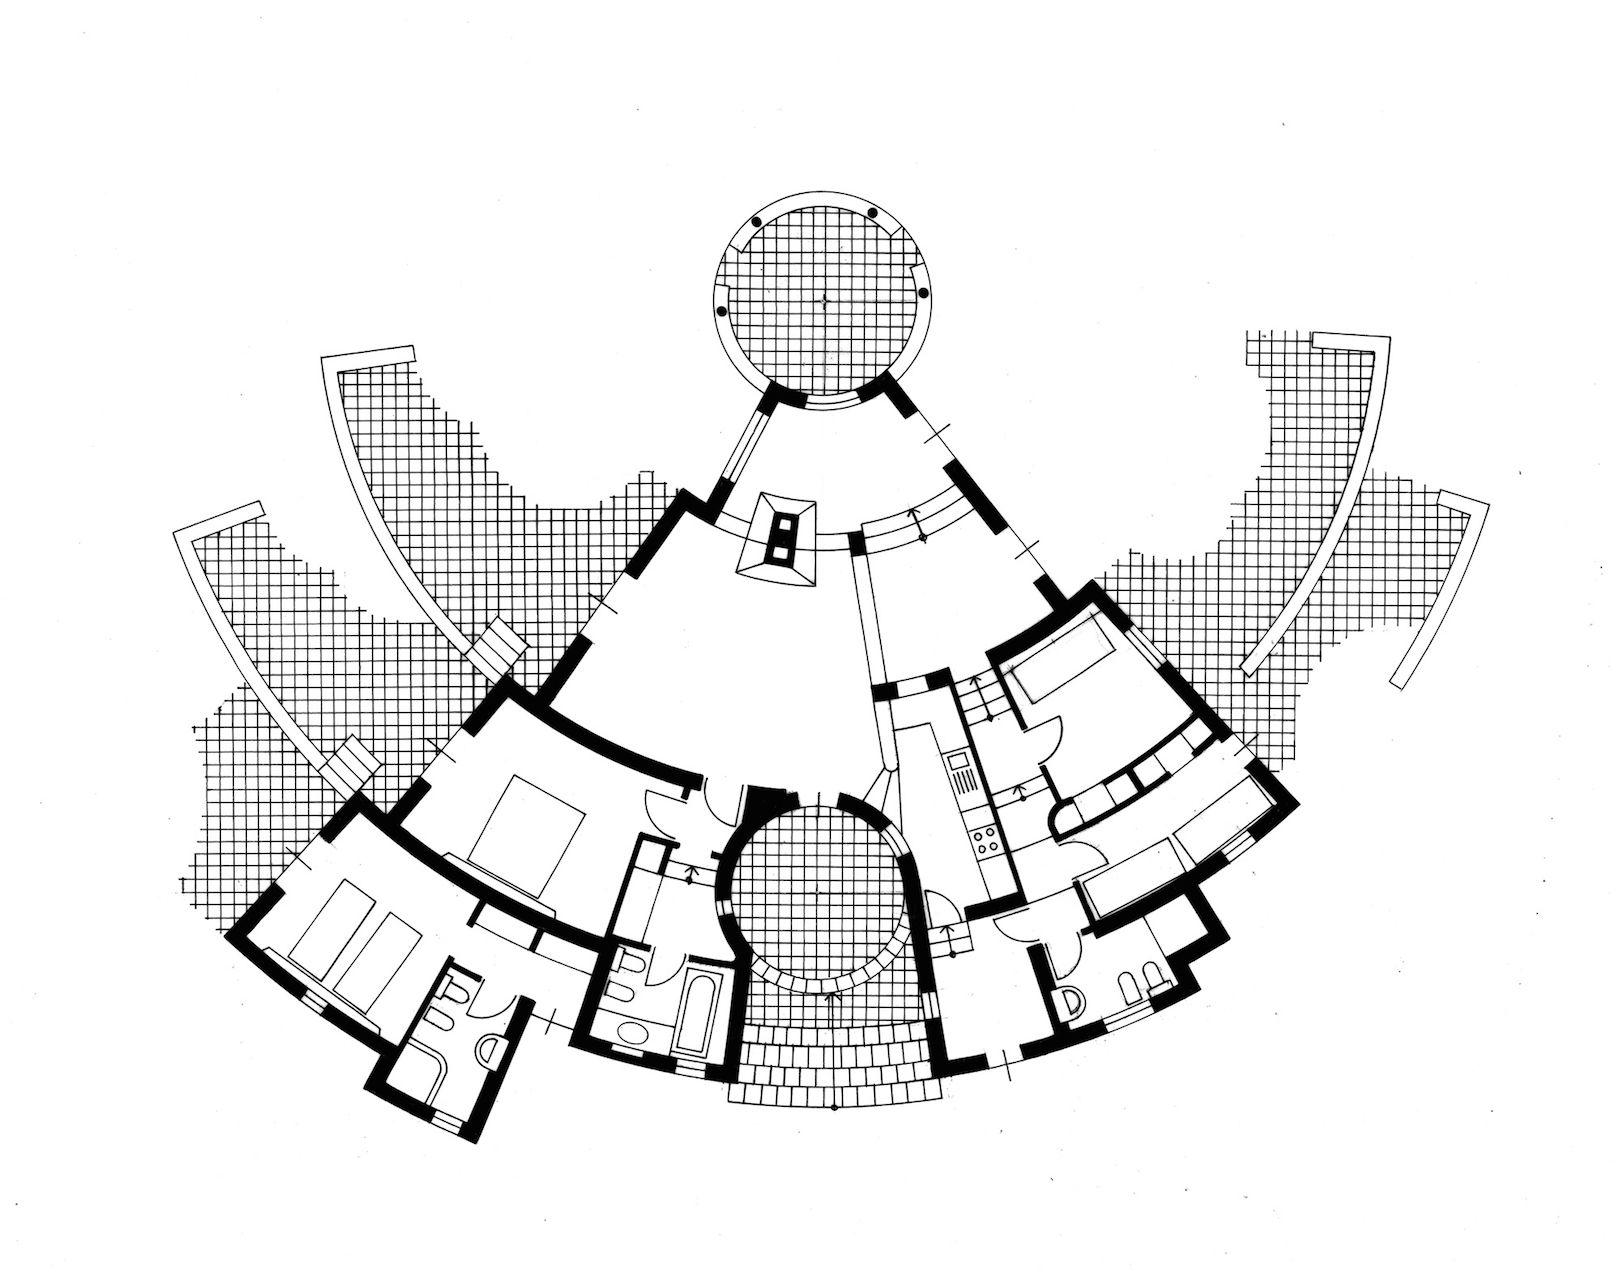 1620x1273 Casa Hartley In Sardinia By Alberto Ponis